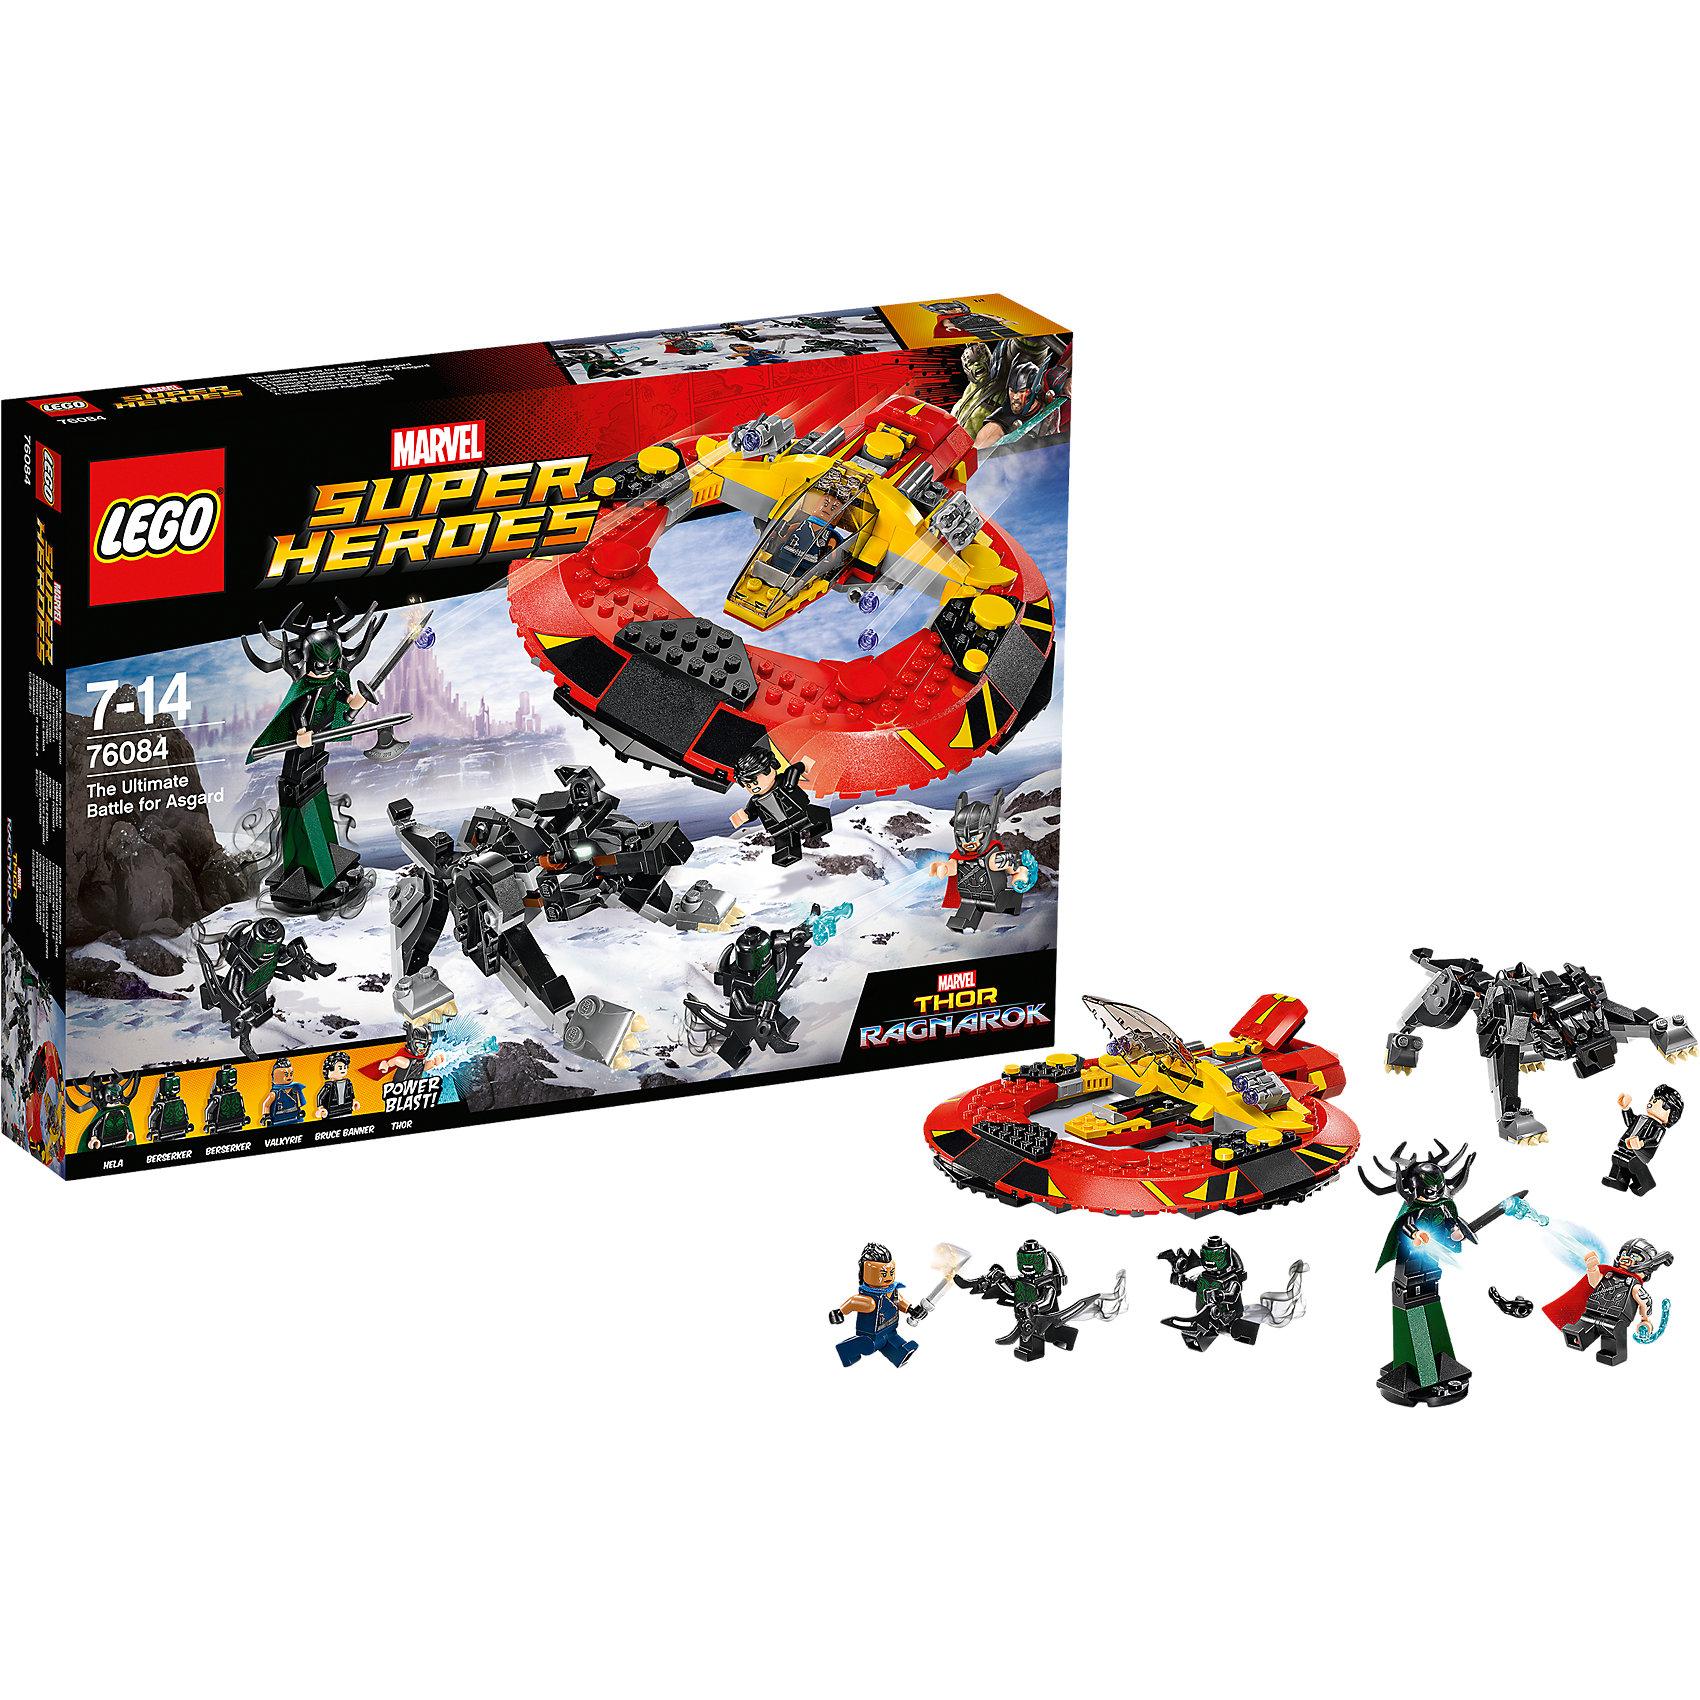 Конструктор Lego Super Heroes 76084: Решающая битва за АсгардПластмассовые конструкторы<br>Характеристики товара:<br><br>• возраст: от 7 лет;<br>• материал: пластик;<br>• в комплекте: 400 деталей;<br>• количество минифигурок: 6;<br>• размер упаковки: 26,2х38,2х5,7 см;<br>• вес упаковки: 655 гр.;<br>• страна производитель: Китай.<br><br>Конструктор Lego Super Heroes «Решающая битва за Асгард» создан по мотивам фильма «Тор: Рагнарёк». В фильме на Асгард нападает злодейка Хела, с которой предстоит сразиться Тору. К нему на помощь прилетают на космическом корабле Халк и Валькирия. На стороне Хелы — могучий волк Фенрис.<br><br>Из элементов конструктора предстоит собрать 6 фигурок персонажей, фигурку волка и корабль. Все детали выполнены из качественных безопасных материалов. В процессе сборки конструктора у детей развиваются мелкая моторика рук, усидчивость, логическое мышление.<br><br>Конструктор Lego Super Heroes «Решающая битва за Асгард» можно приобрести в нашем интернет-магазине.<br><br>Ширина мм: 382<br>Глубина мм: 262<br>Высота мм: 57<br>Вес г: 660<br>Возраст от месяцев: 84<br>Возраст до месяцев: 2147483647<br>Пол: Мужской<br>Возраст: Детский<br>SKU: 5620011